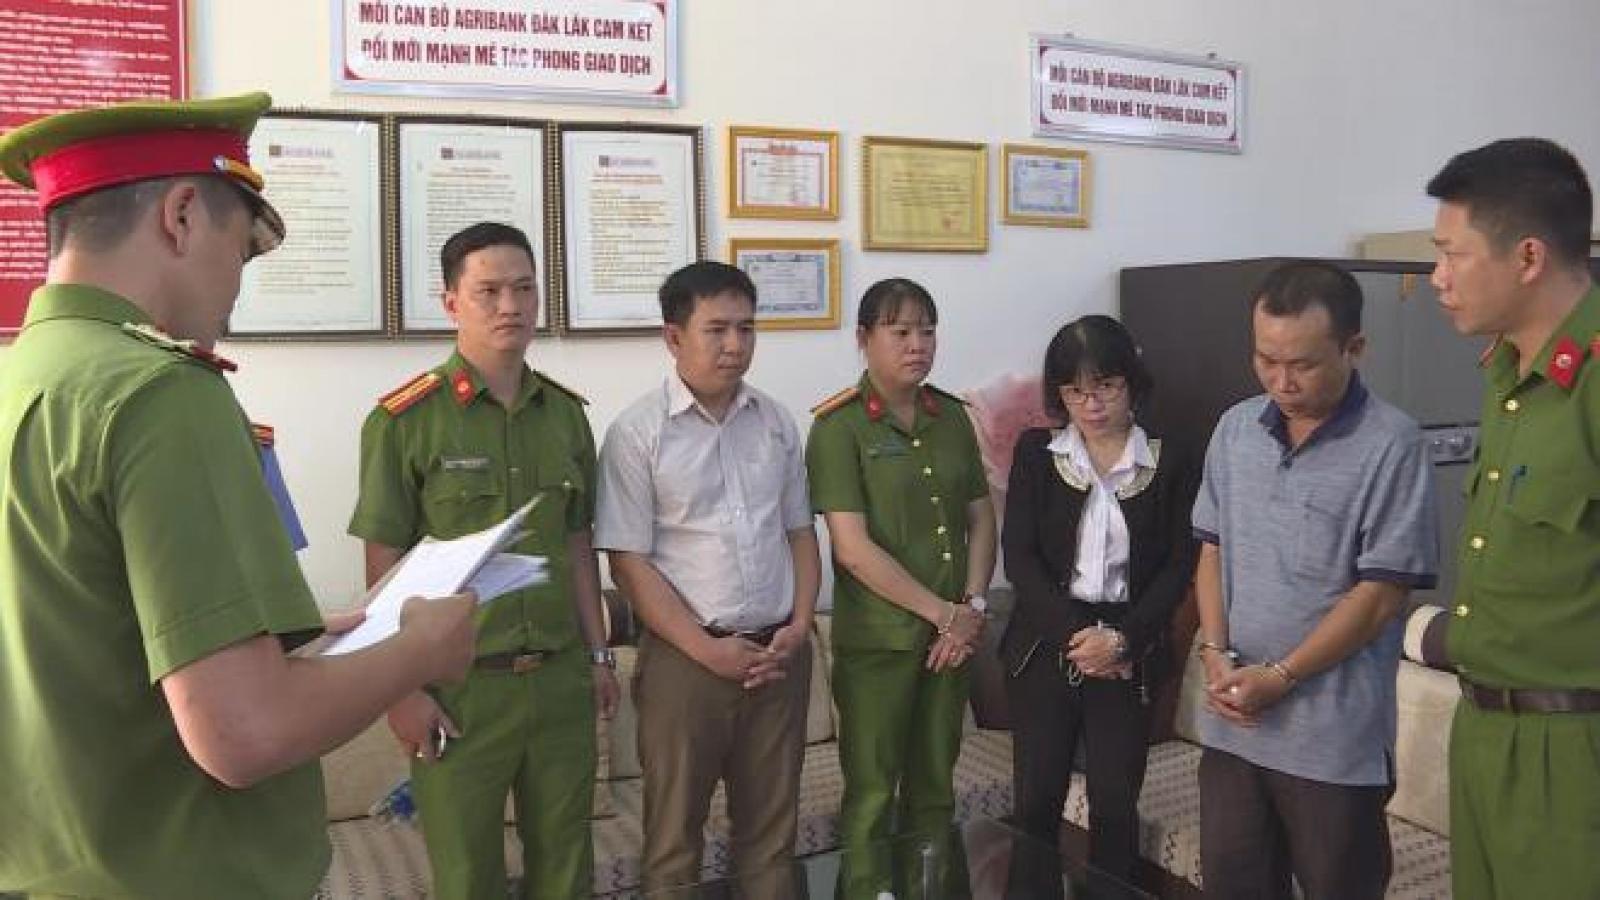 Bắt nguyên lãnh đạo, nhân viên ngân hàng Agribank ở Đắk Lắk